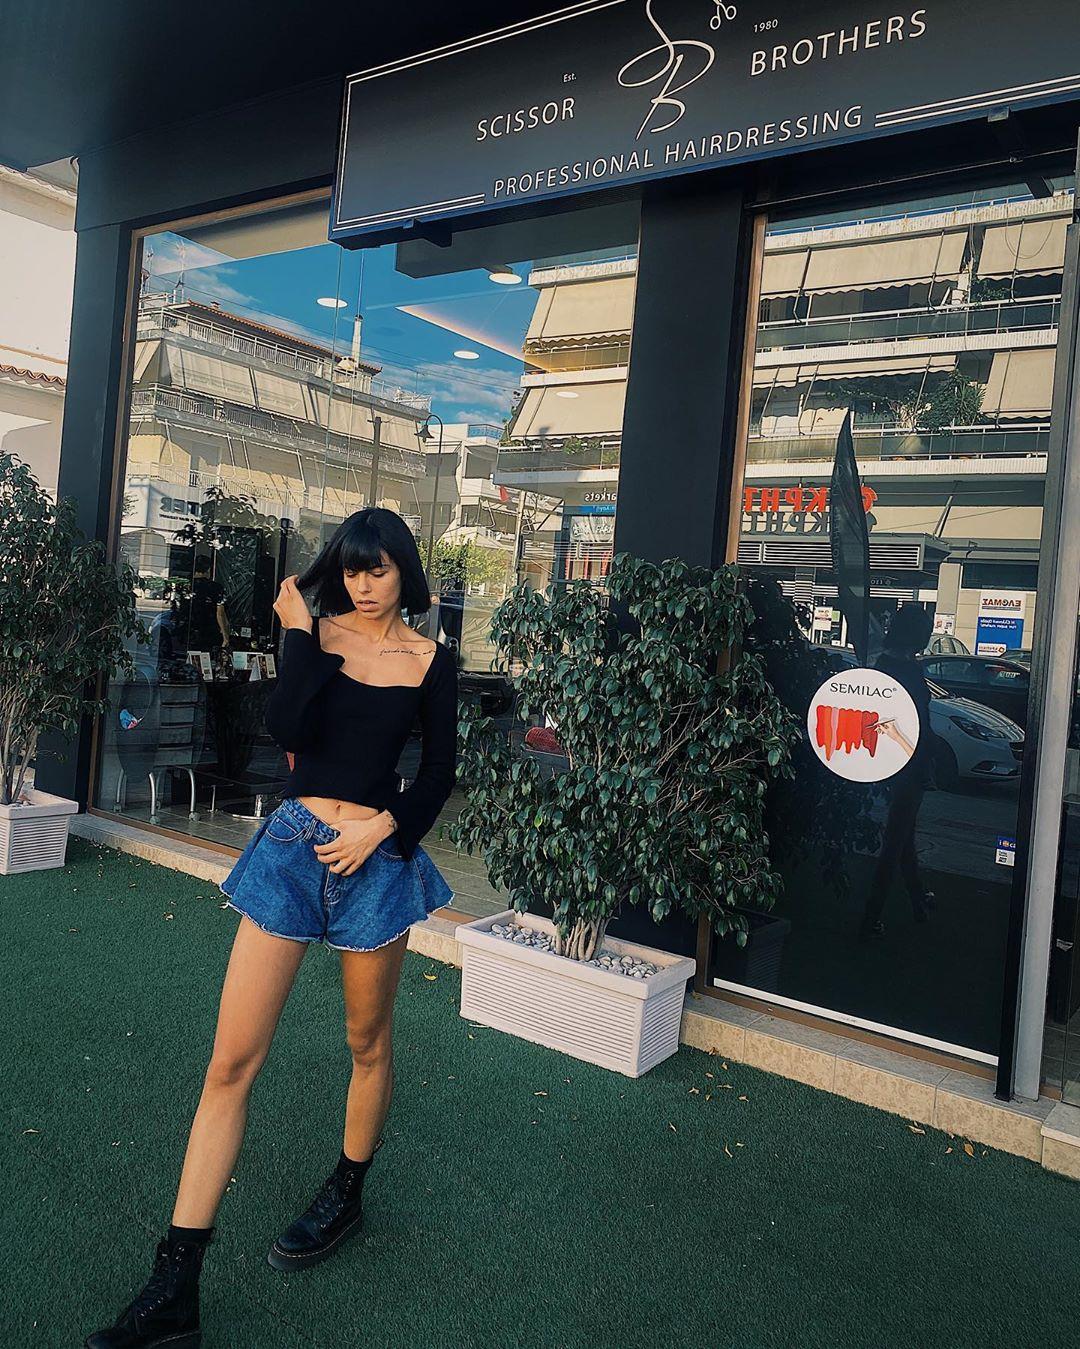 μεγκι ντριο,Gntm,Greece's Next Top Model,φωτογράφιση,καταγωγή,σπουδές